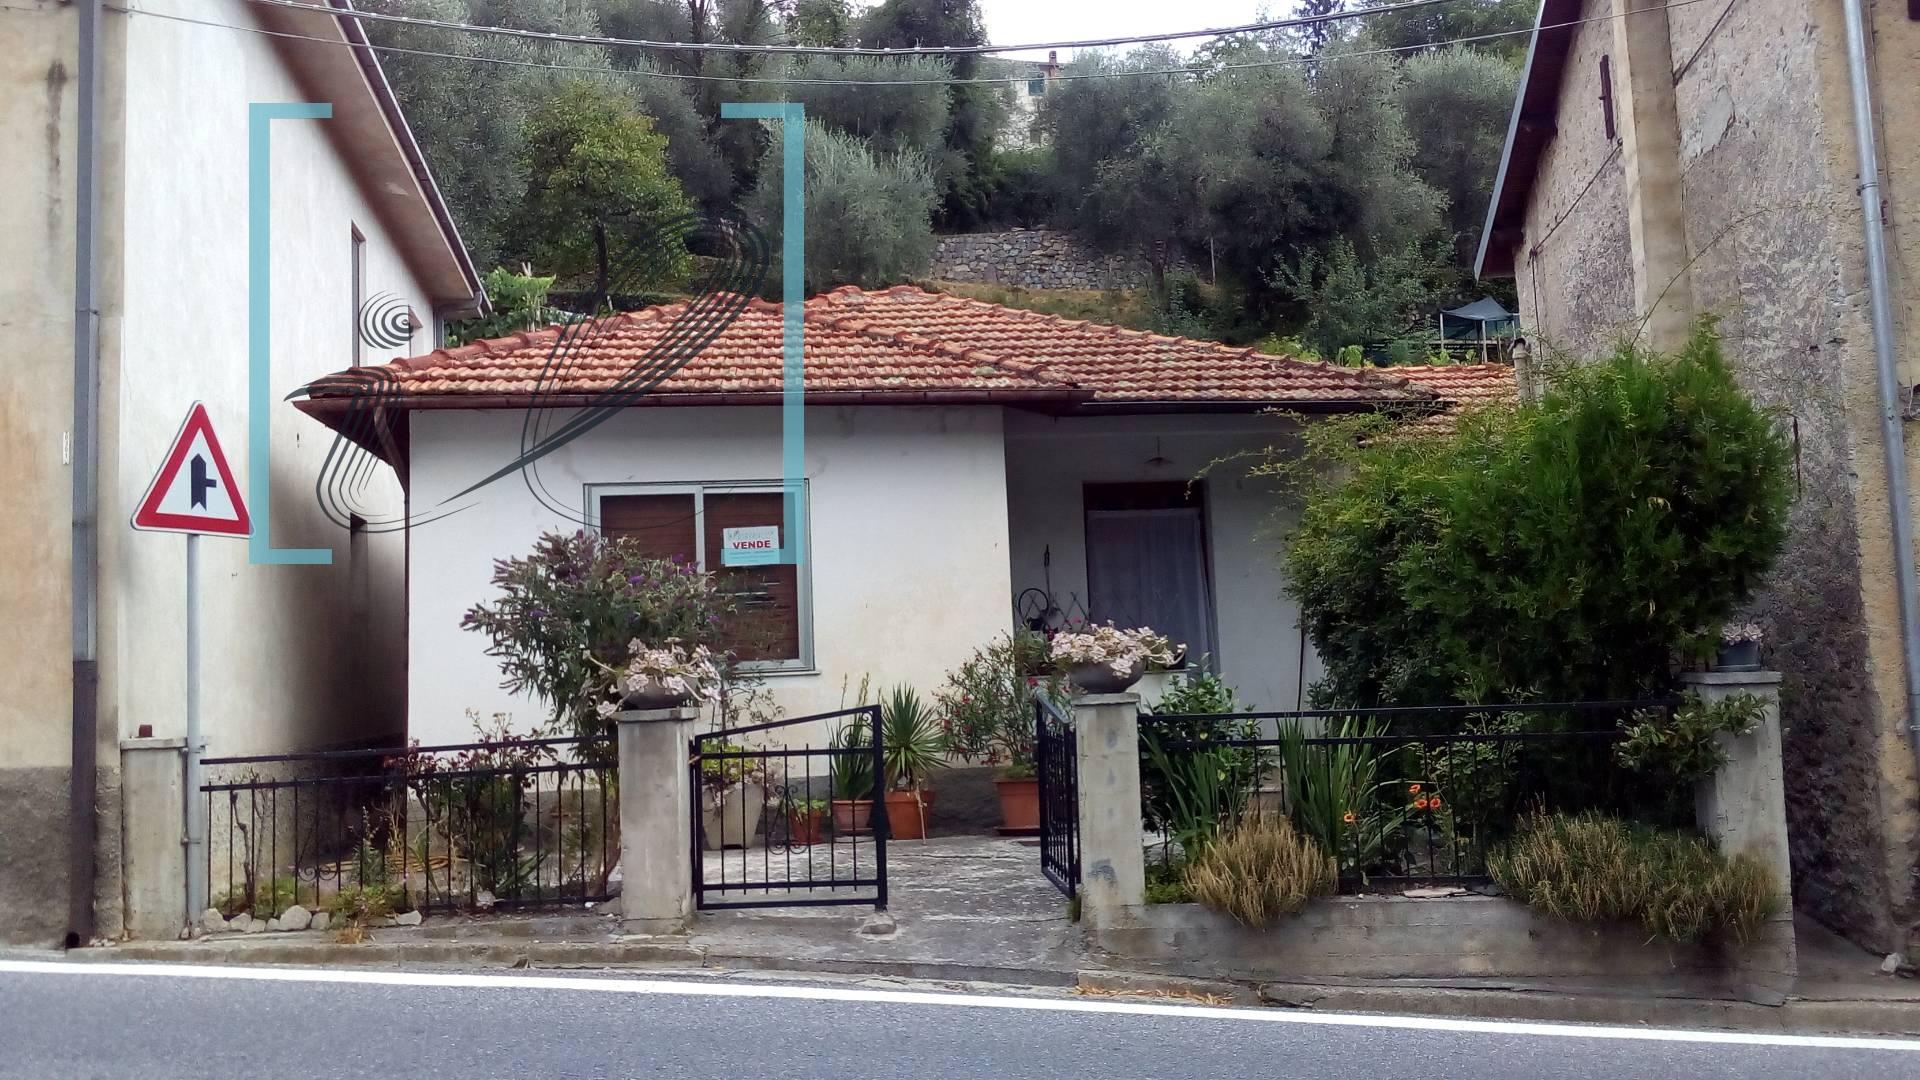 Appartamento in vendita a Pieve di Teco, 3 locali, zona Zona: Acquetico, prezzo € 48.000 | CambioCasa.it